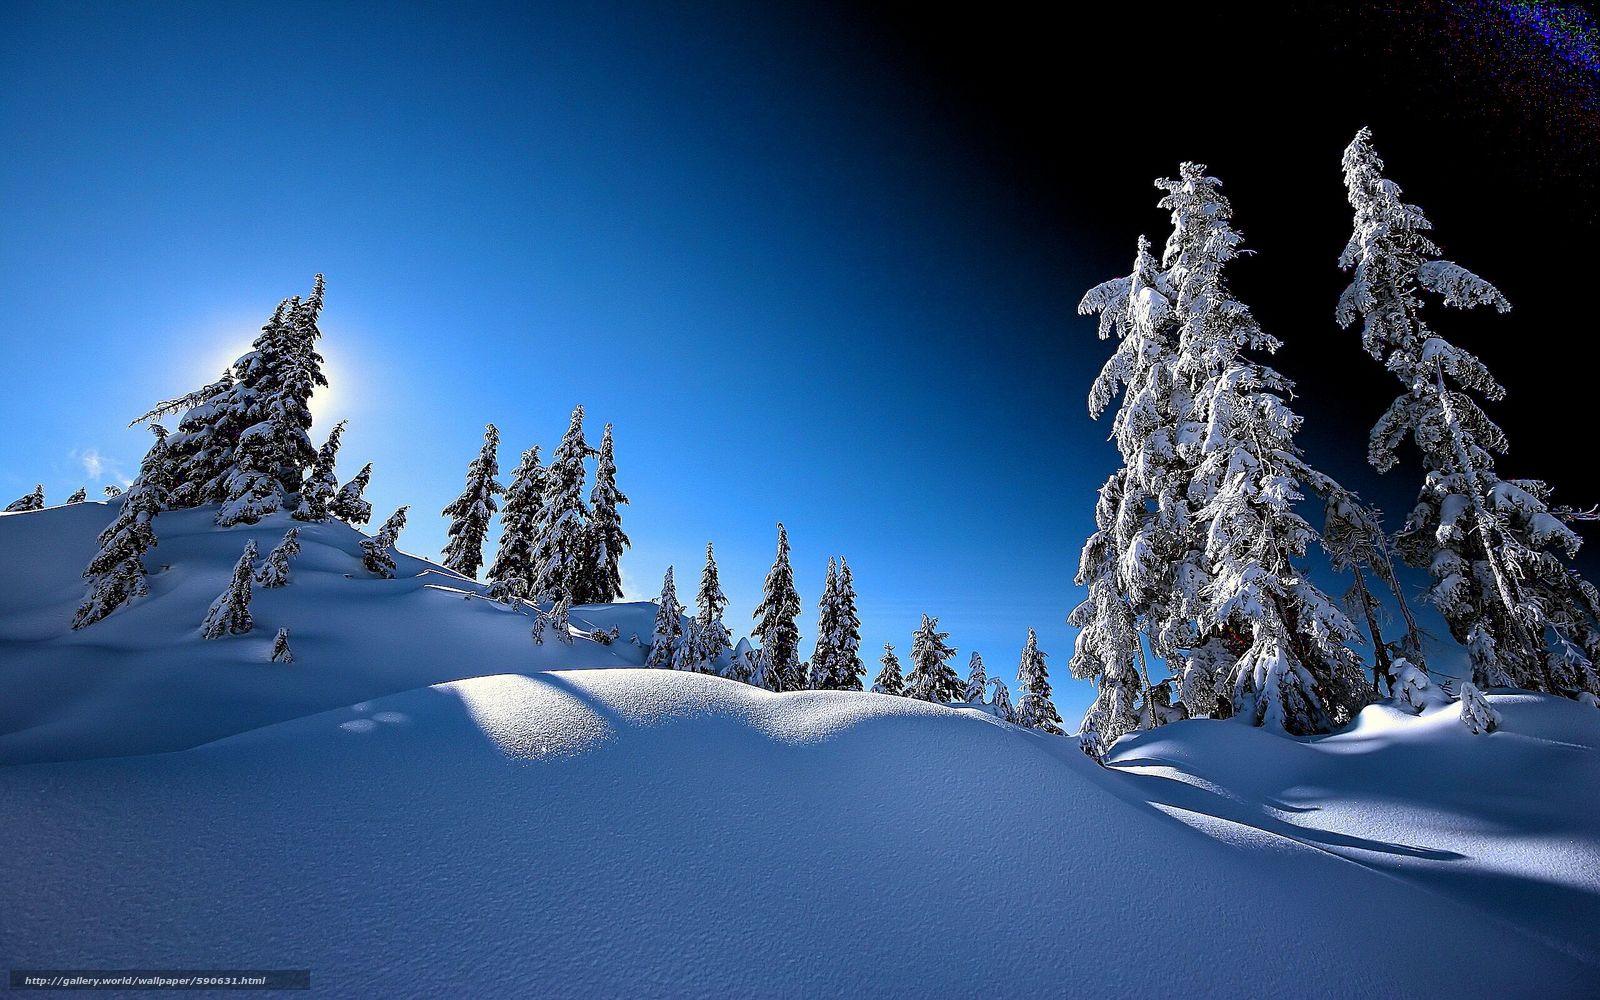 Скачать обои зима,  деревья,  ели,  снег бесплатно для рабочего стола в разрешении 2560x1600 — картинка №590631